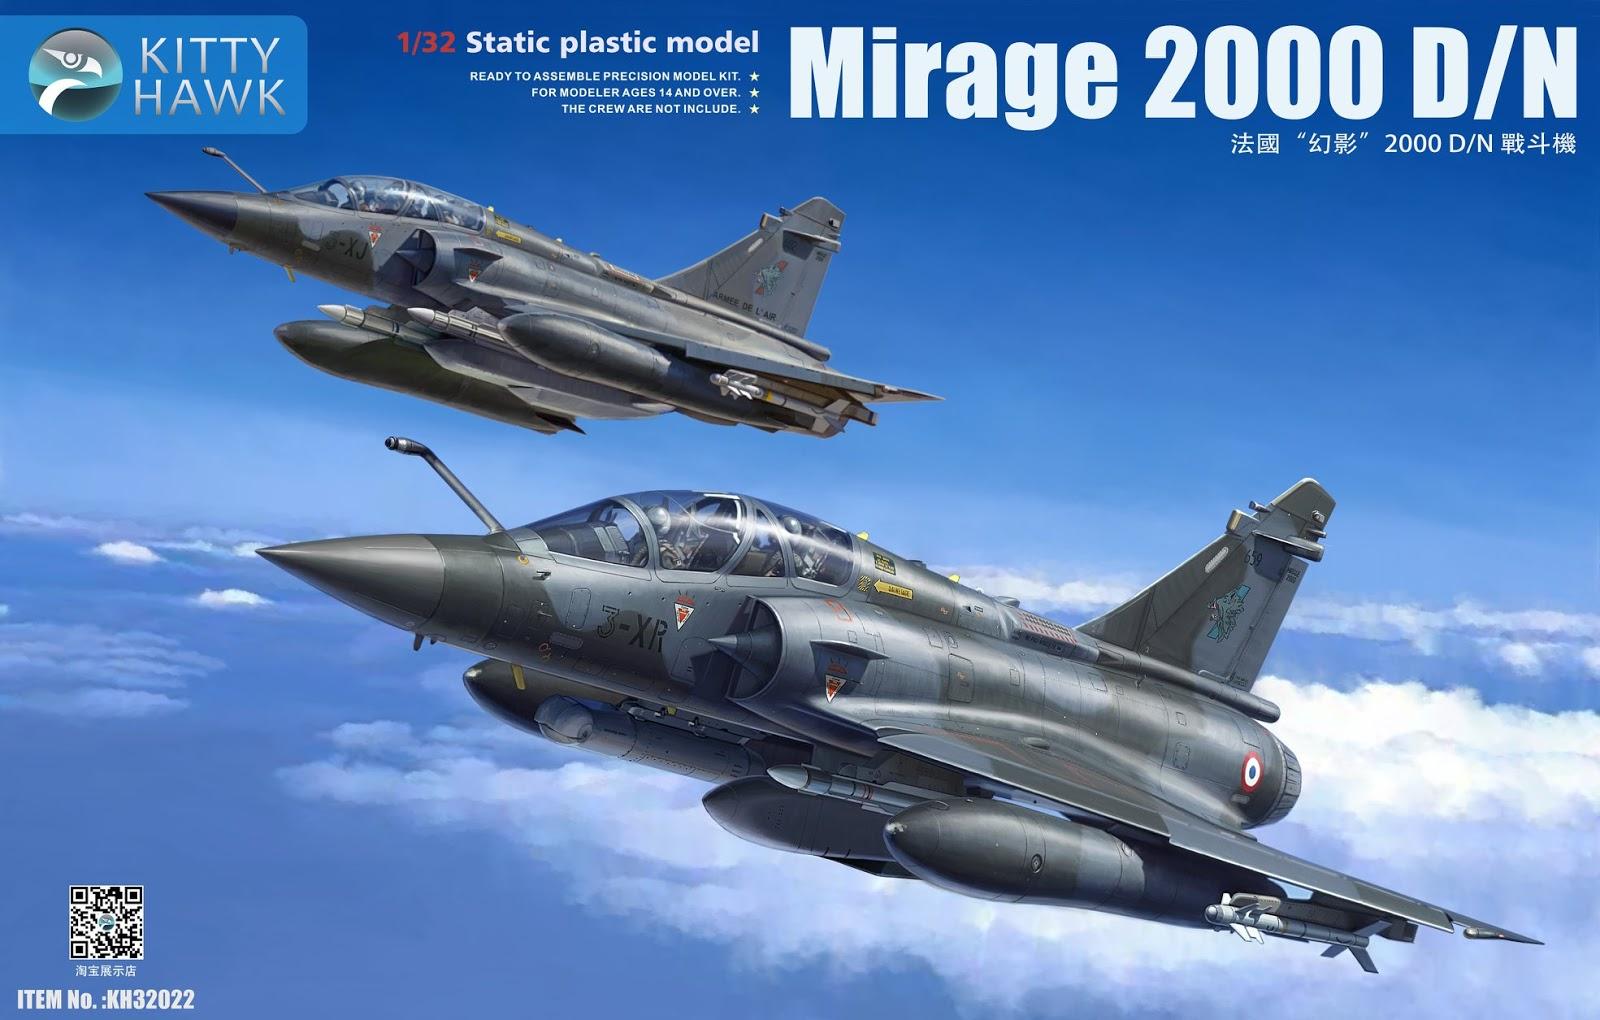 Dassault+Mirage+2000+DN+%25281%2529.jpg